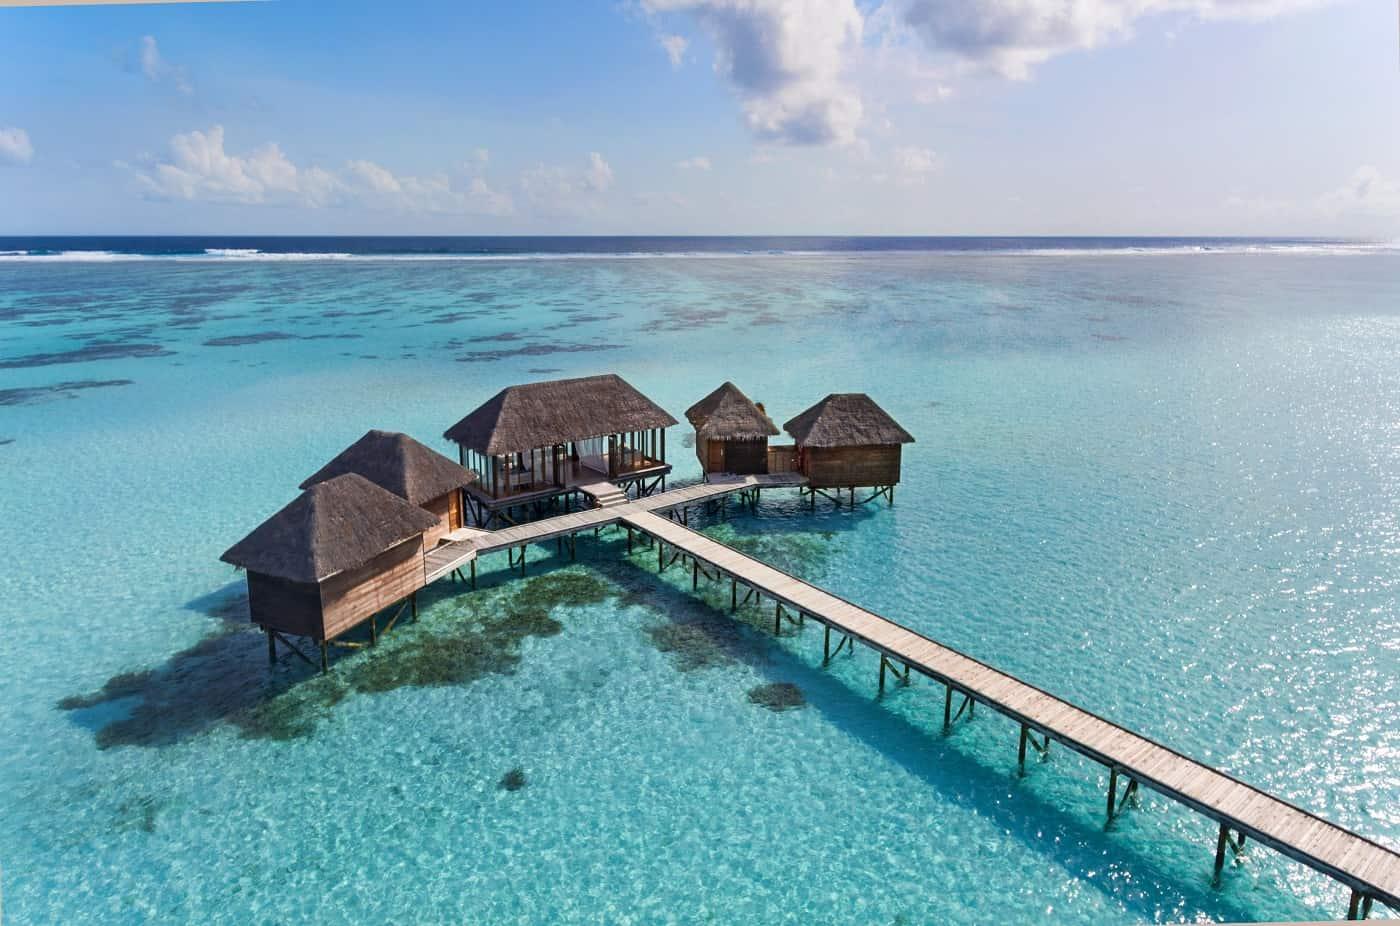 Conrad Maldives, Rangali Island - Unique Hotels in the World